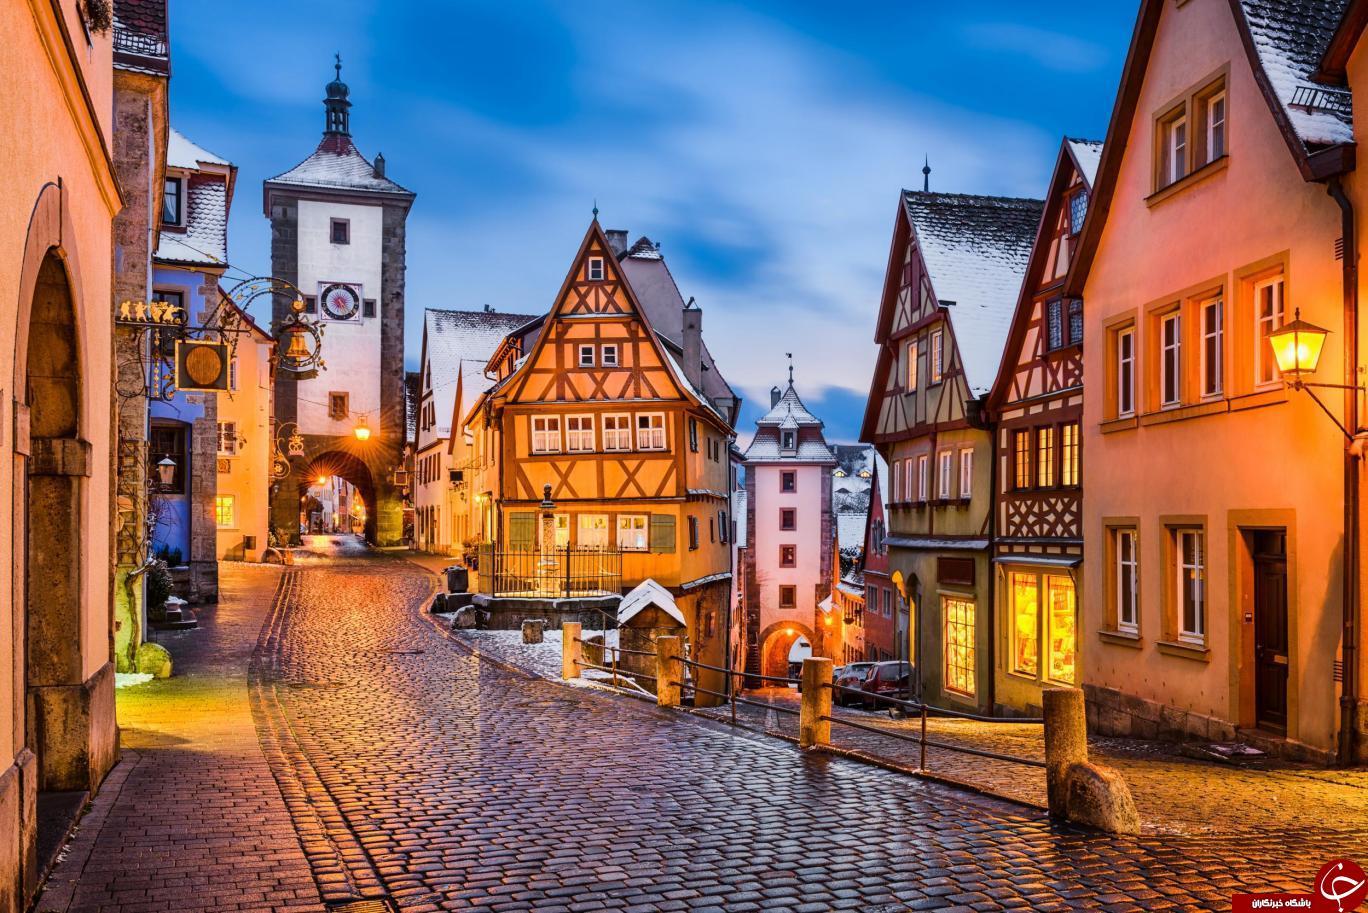 هفت شهر مخفی قدیمی اروپا که زمستان زیبایی دارند+ تصاویر